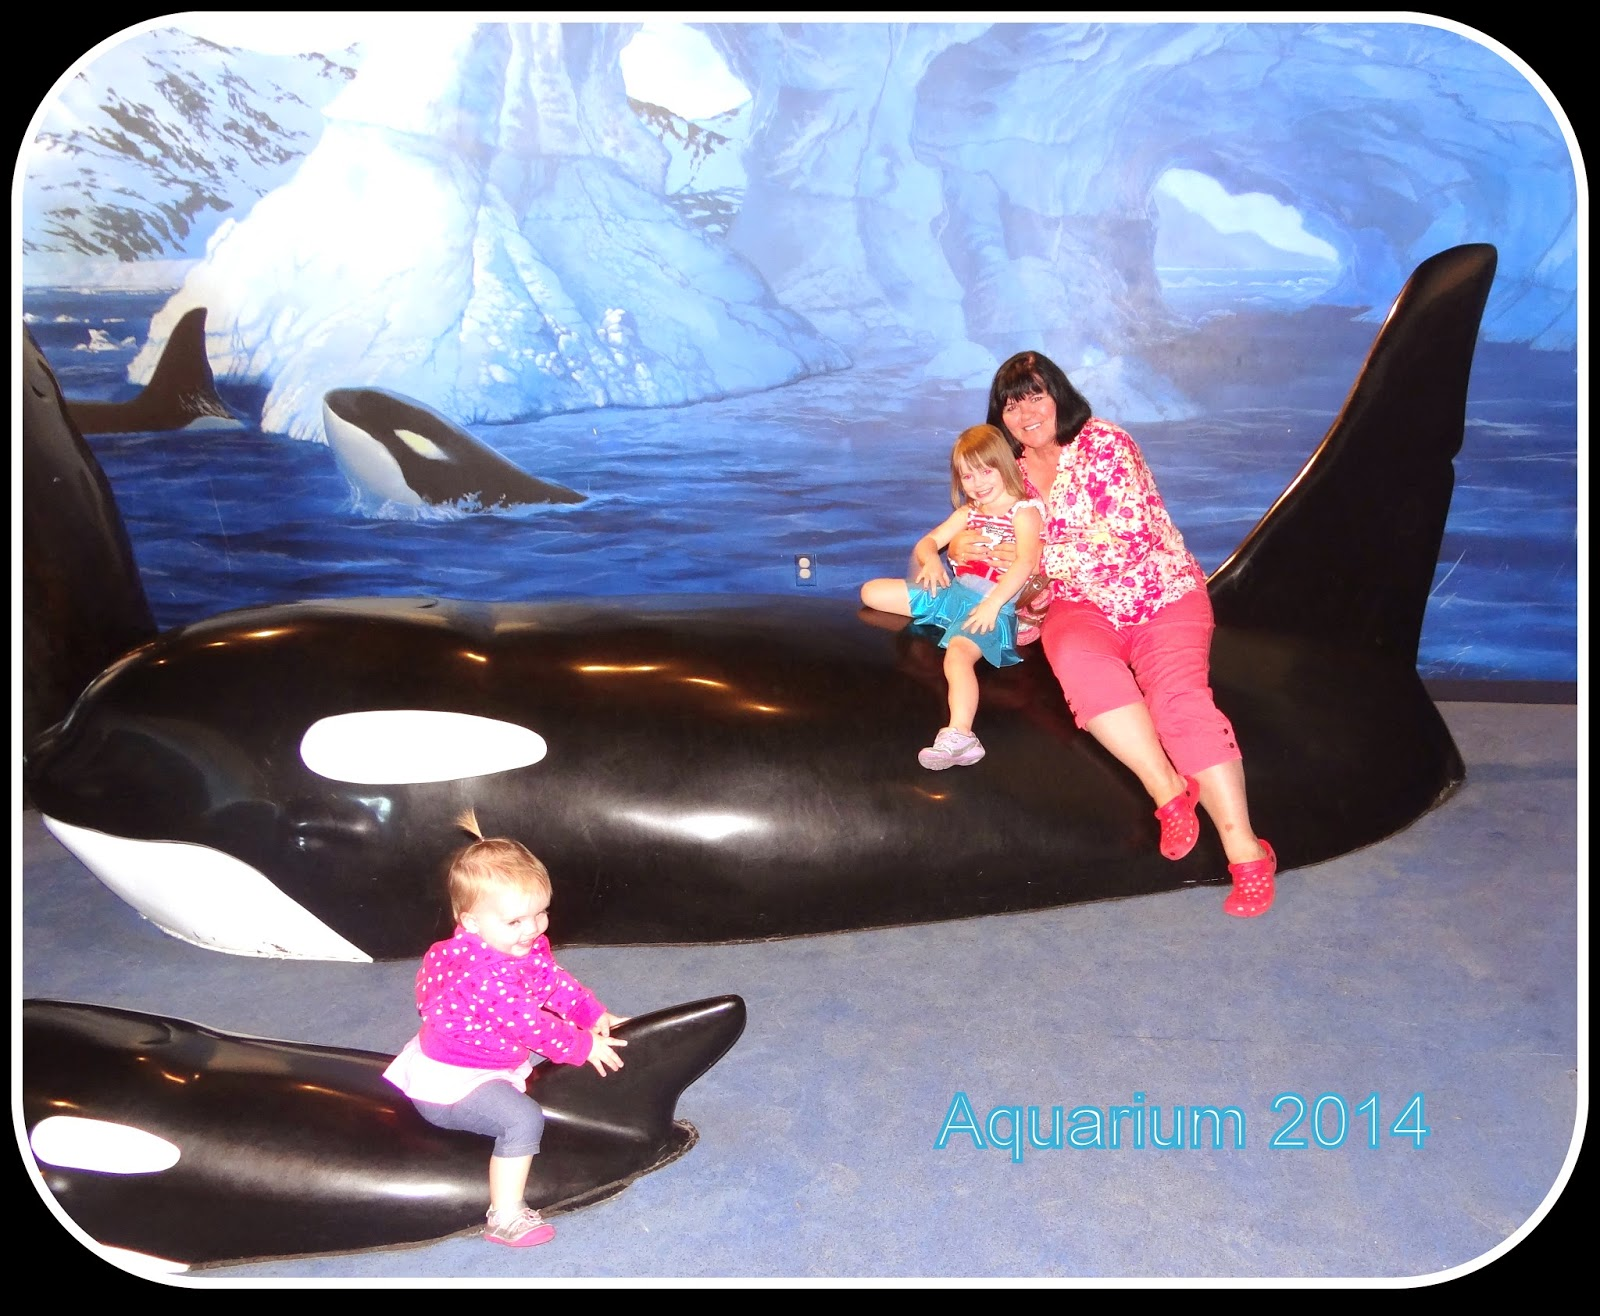 Pattie 39 S Place The Living Planet Aquarium Trip In Sandy Utah